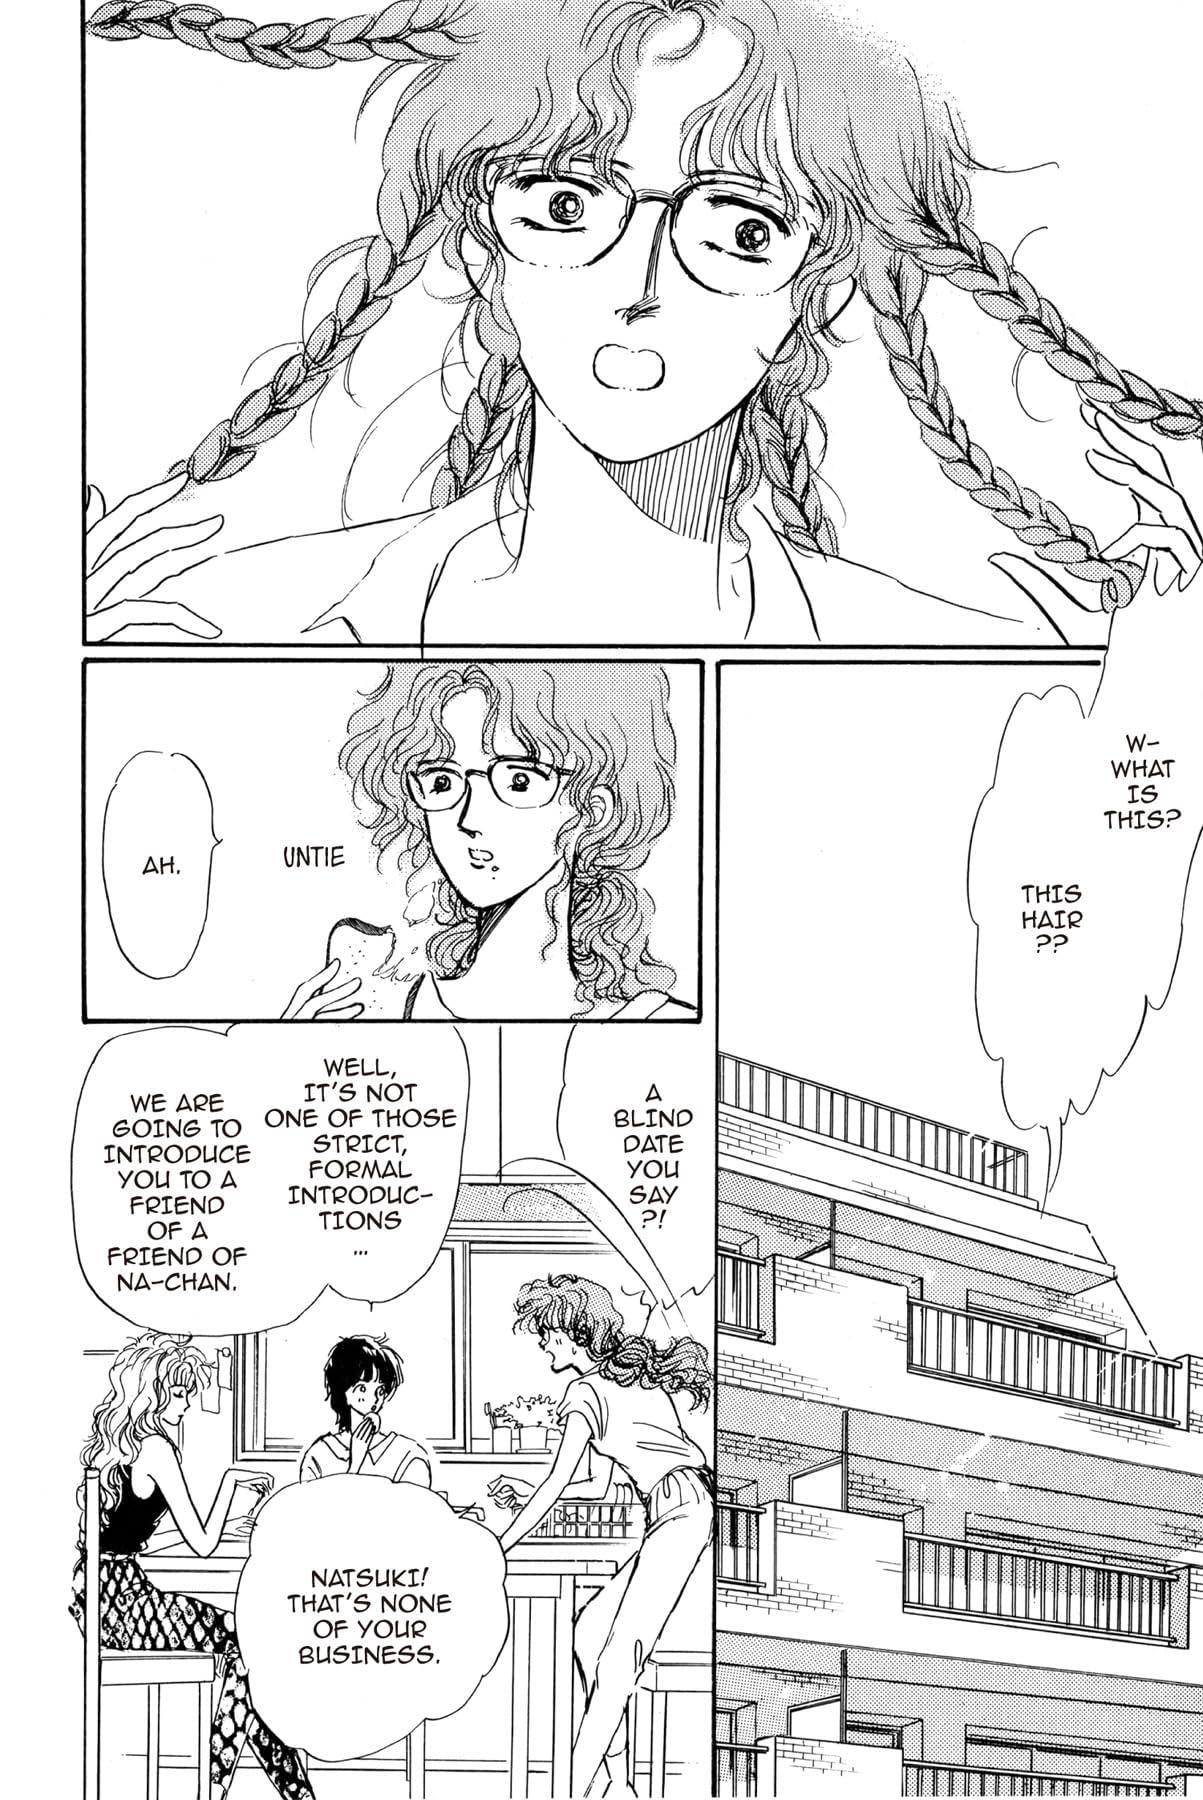 KYOKO SHIMAZU AUTHOR'S EDITION #12